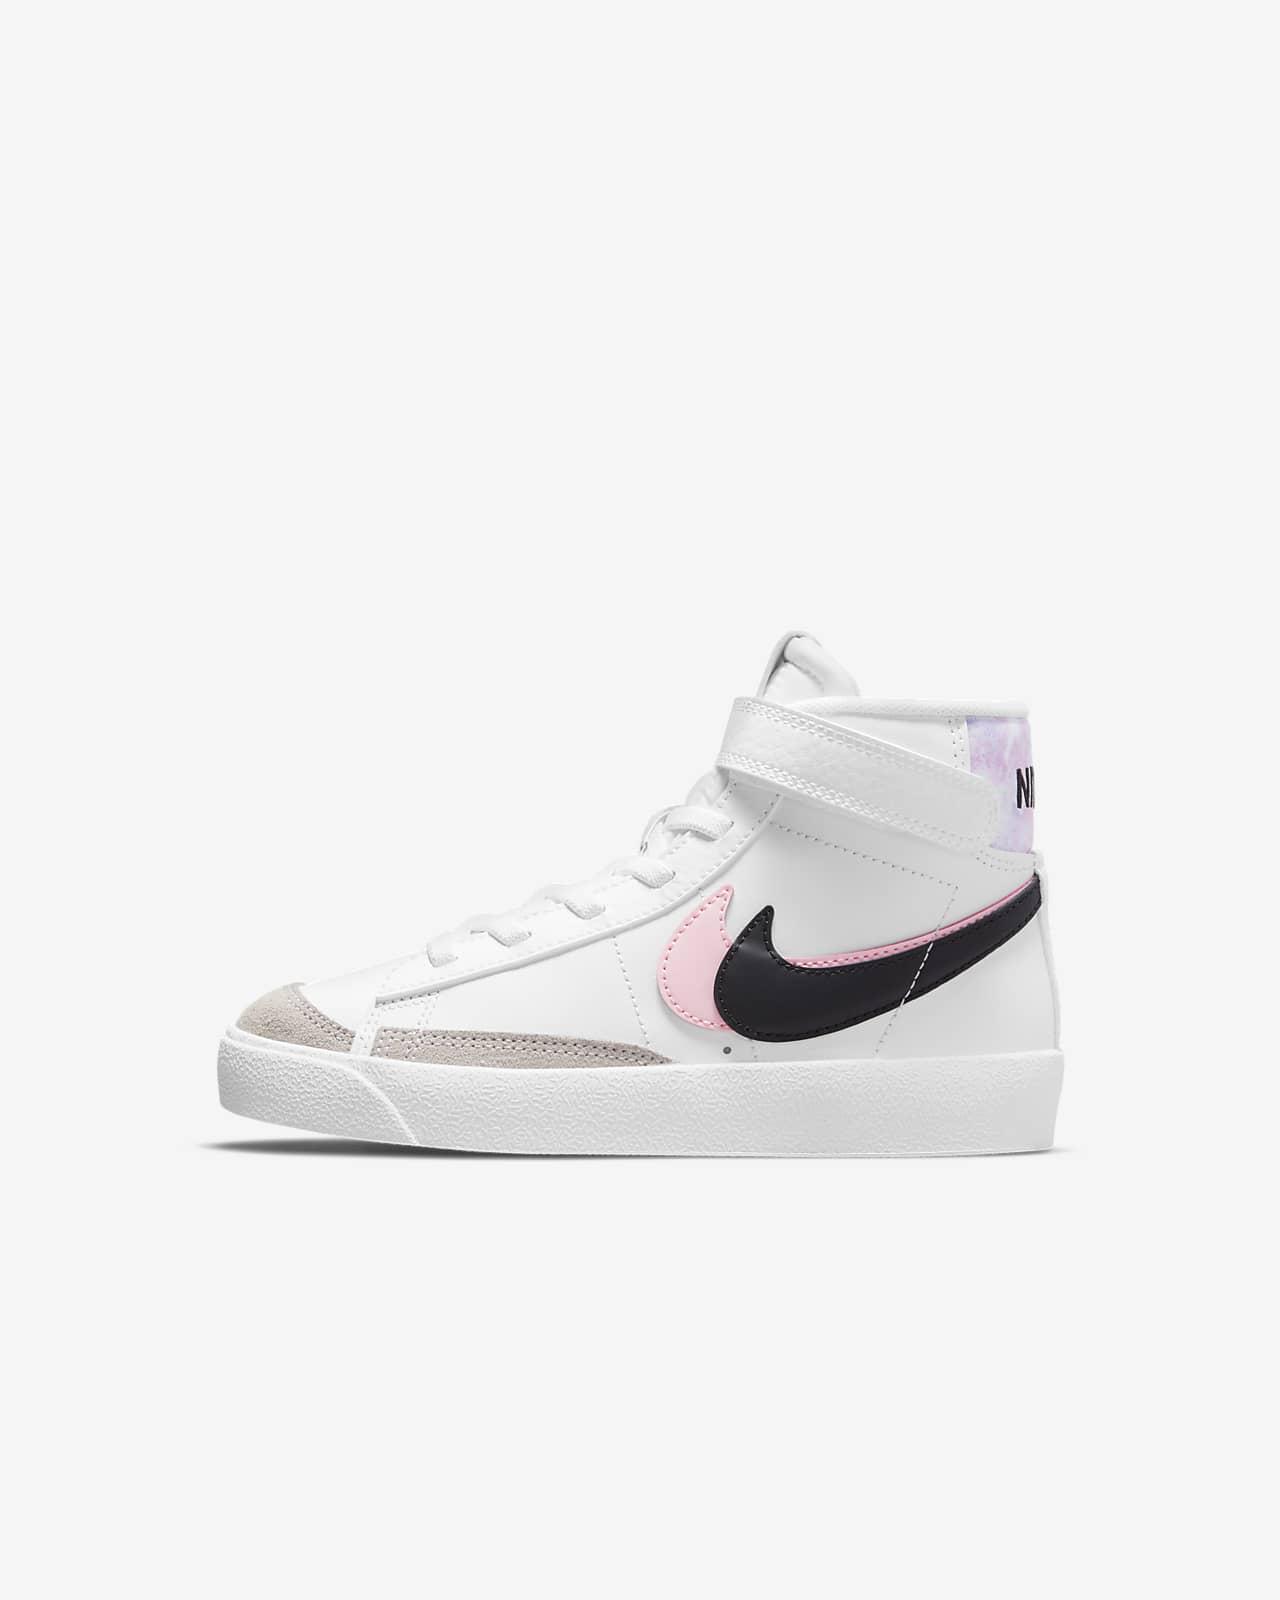 Nike Blazer Mid '77 SE Küçük Çocuk Ayakkabısı